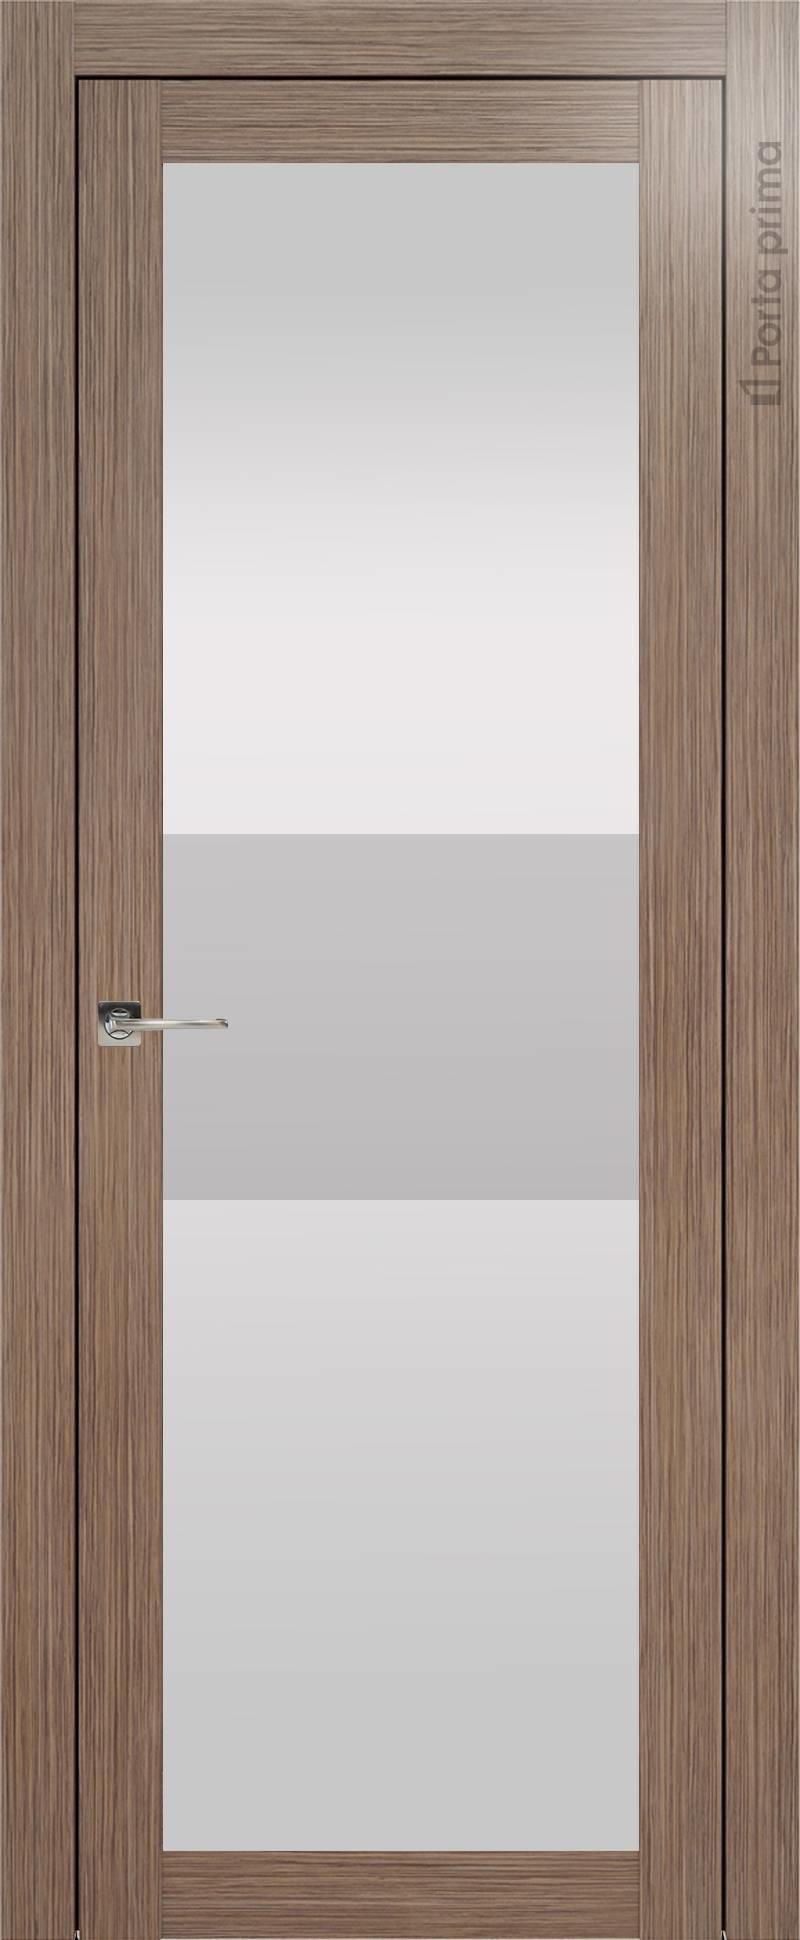 Tivoli З-4 цвет - Орех Со стеклом (ДО)